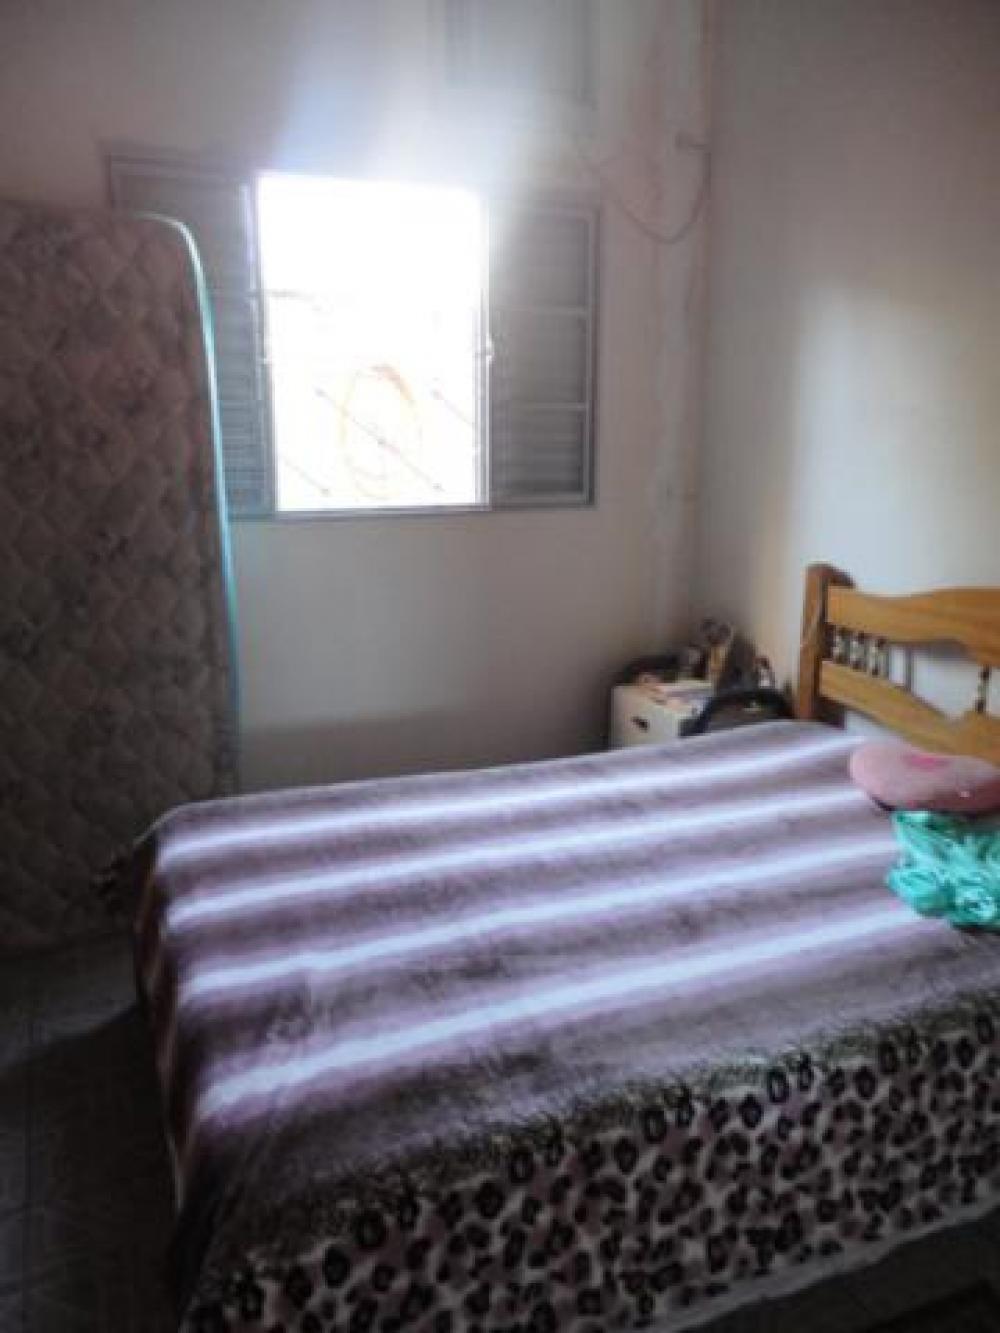 Comprar Casa / Padrão em São José do Rio Preto R$ 200.000,00 - Foto 11